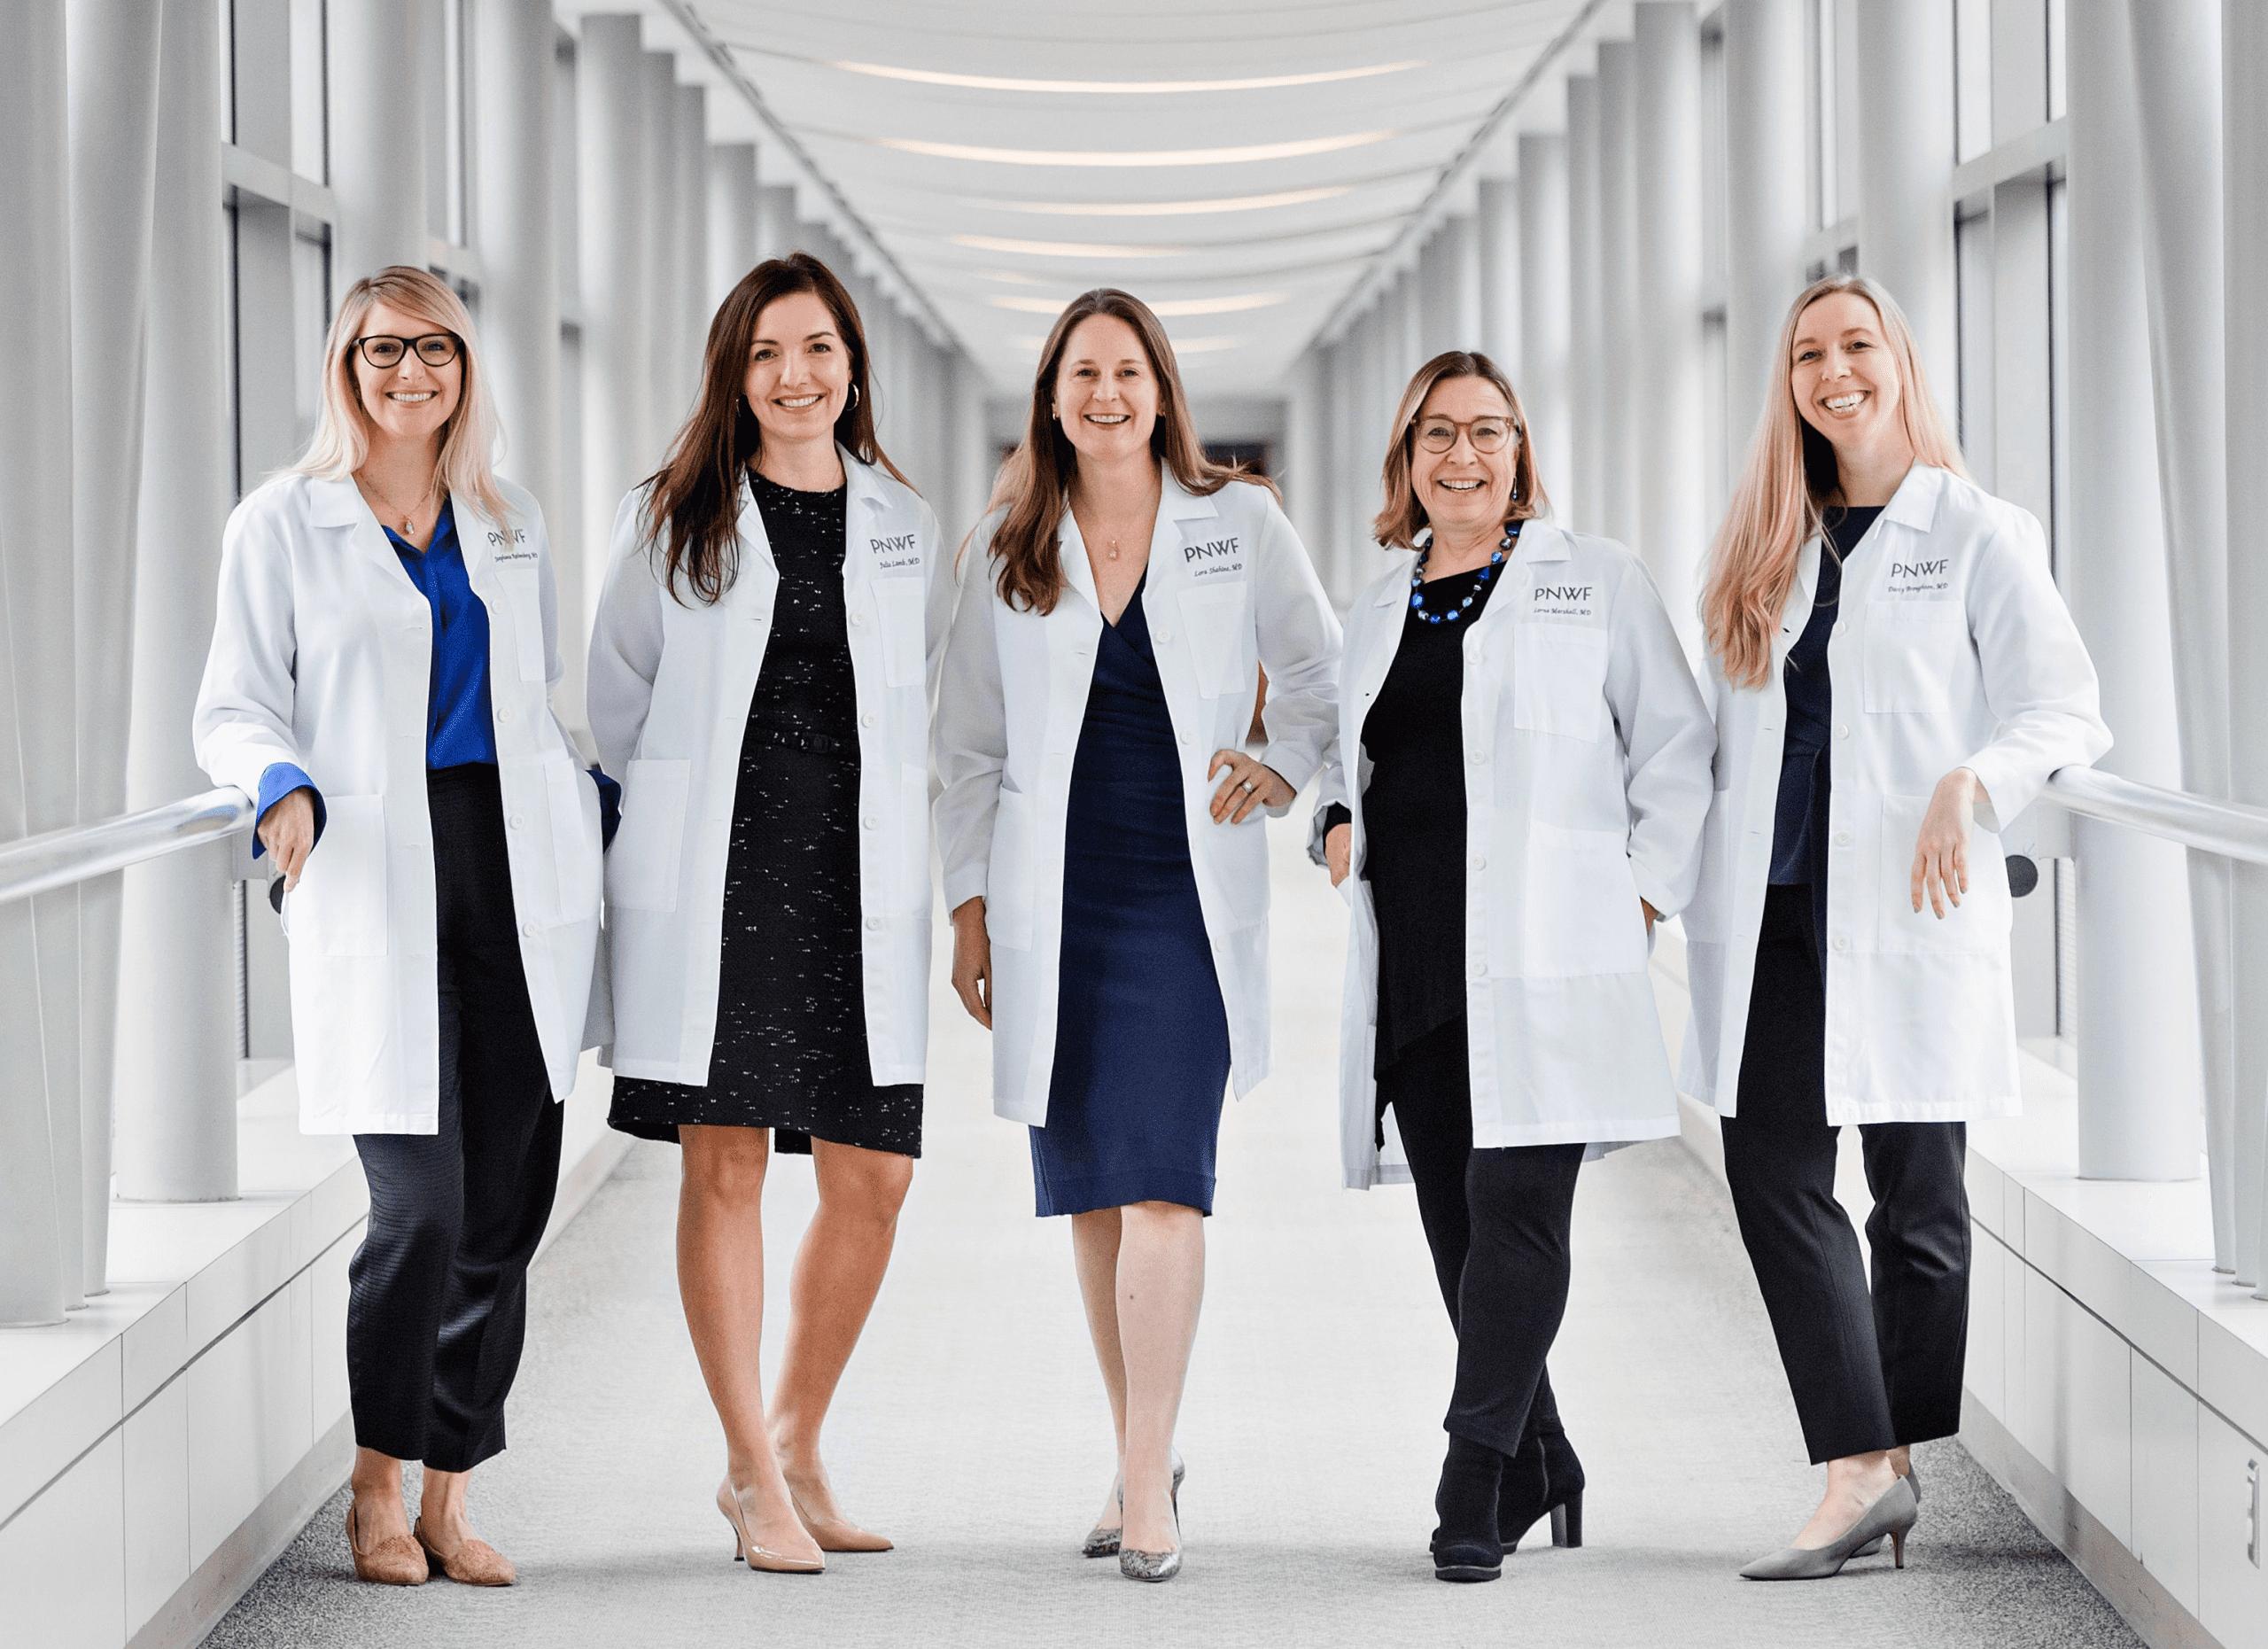 5 PNWF doctors in lab coats